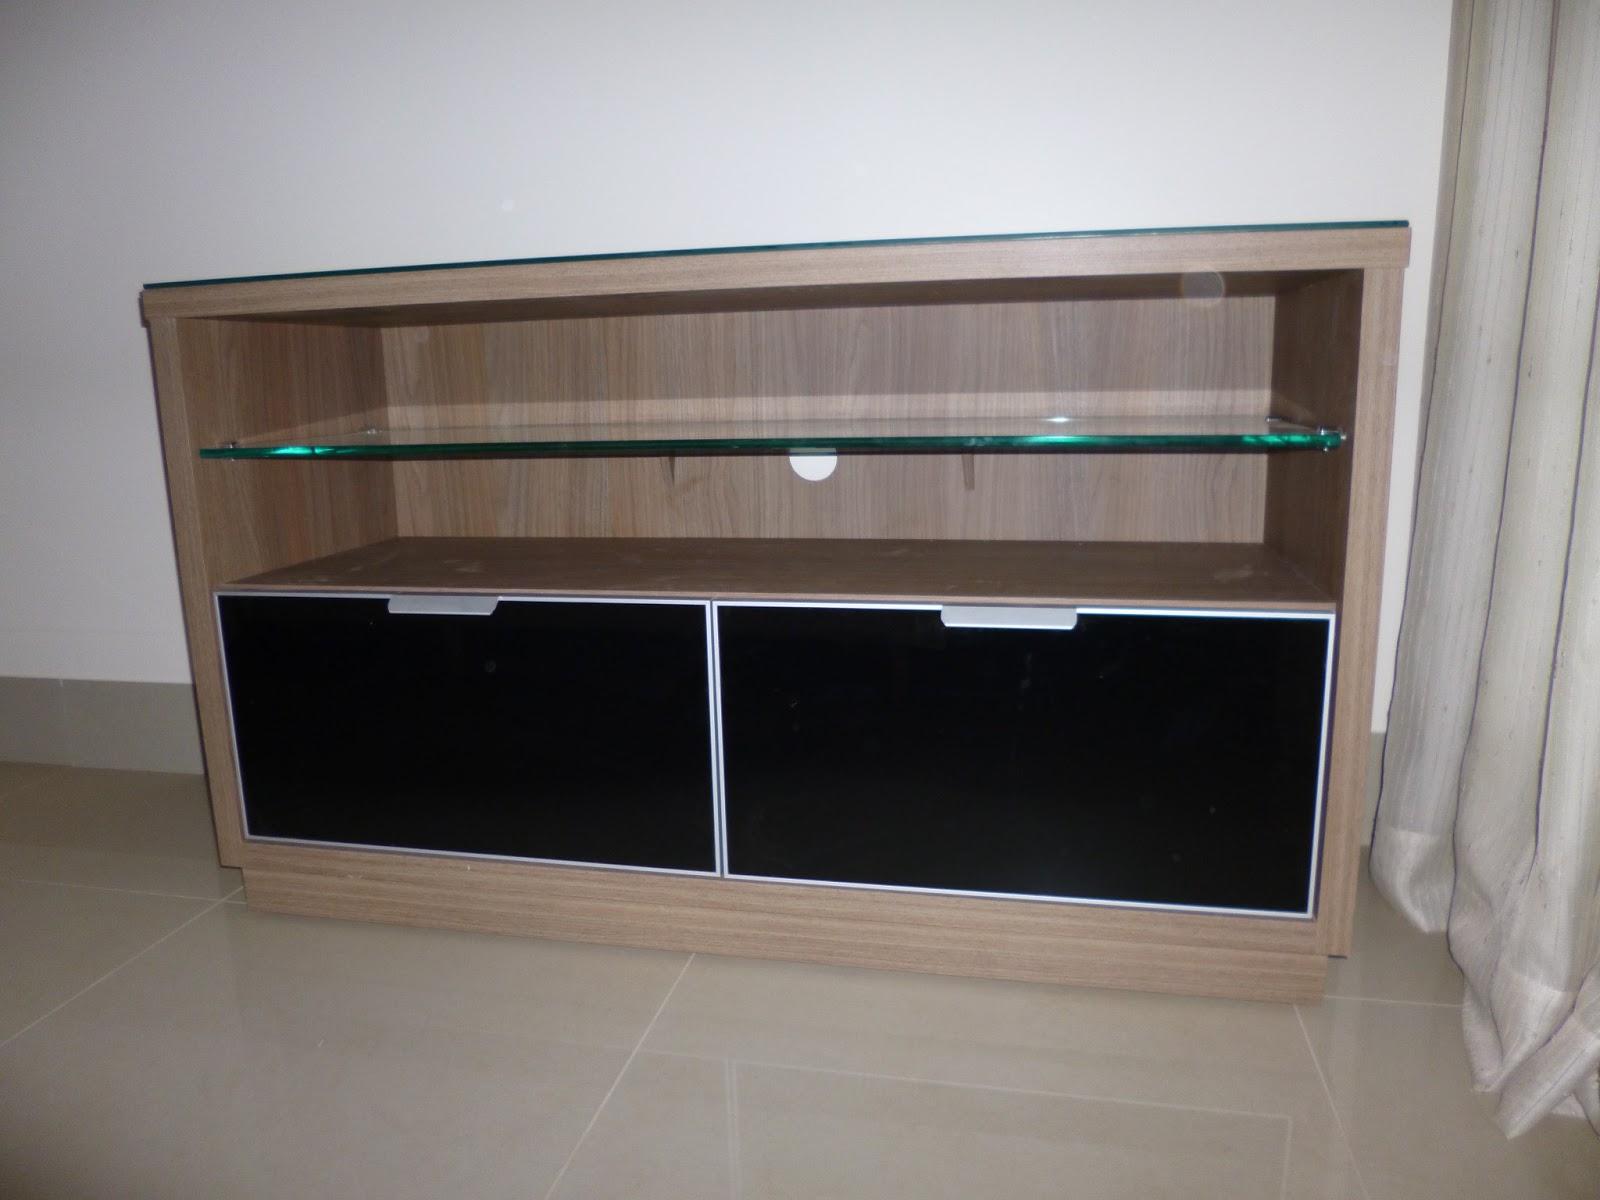 rack em mdf madeirado com prateleira e tampo em vidro frente das